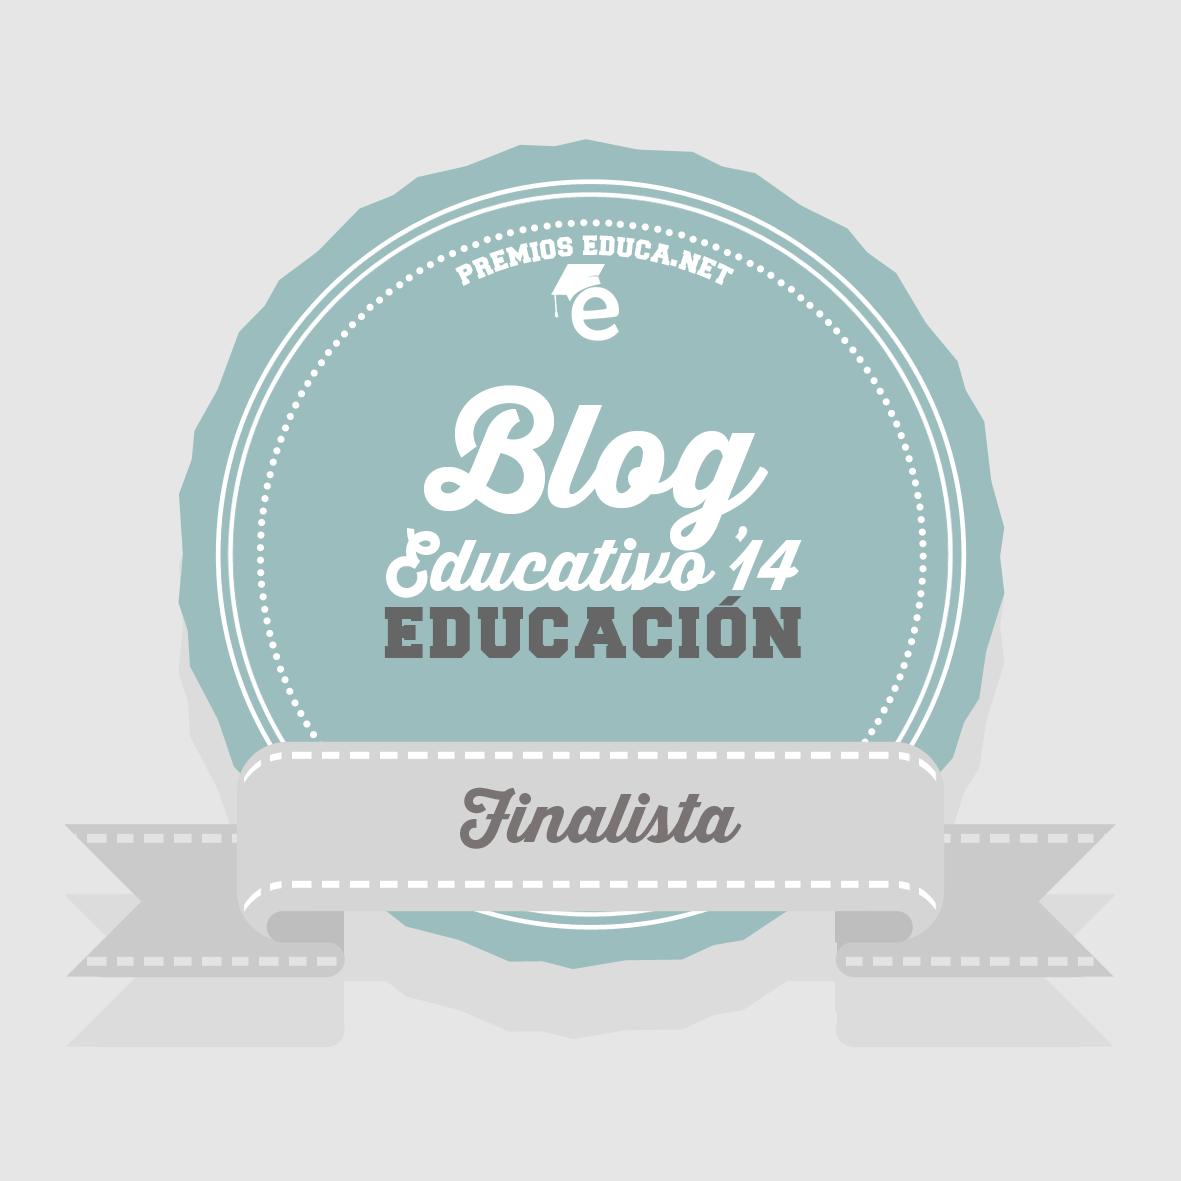 Finalista Premios Educa 2014